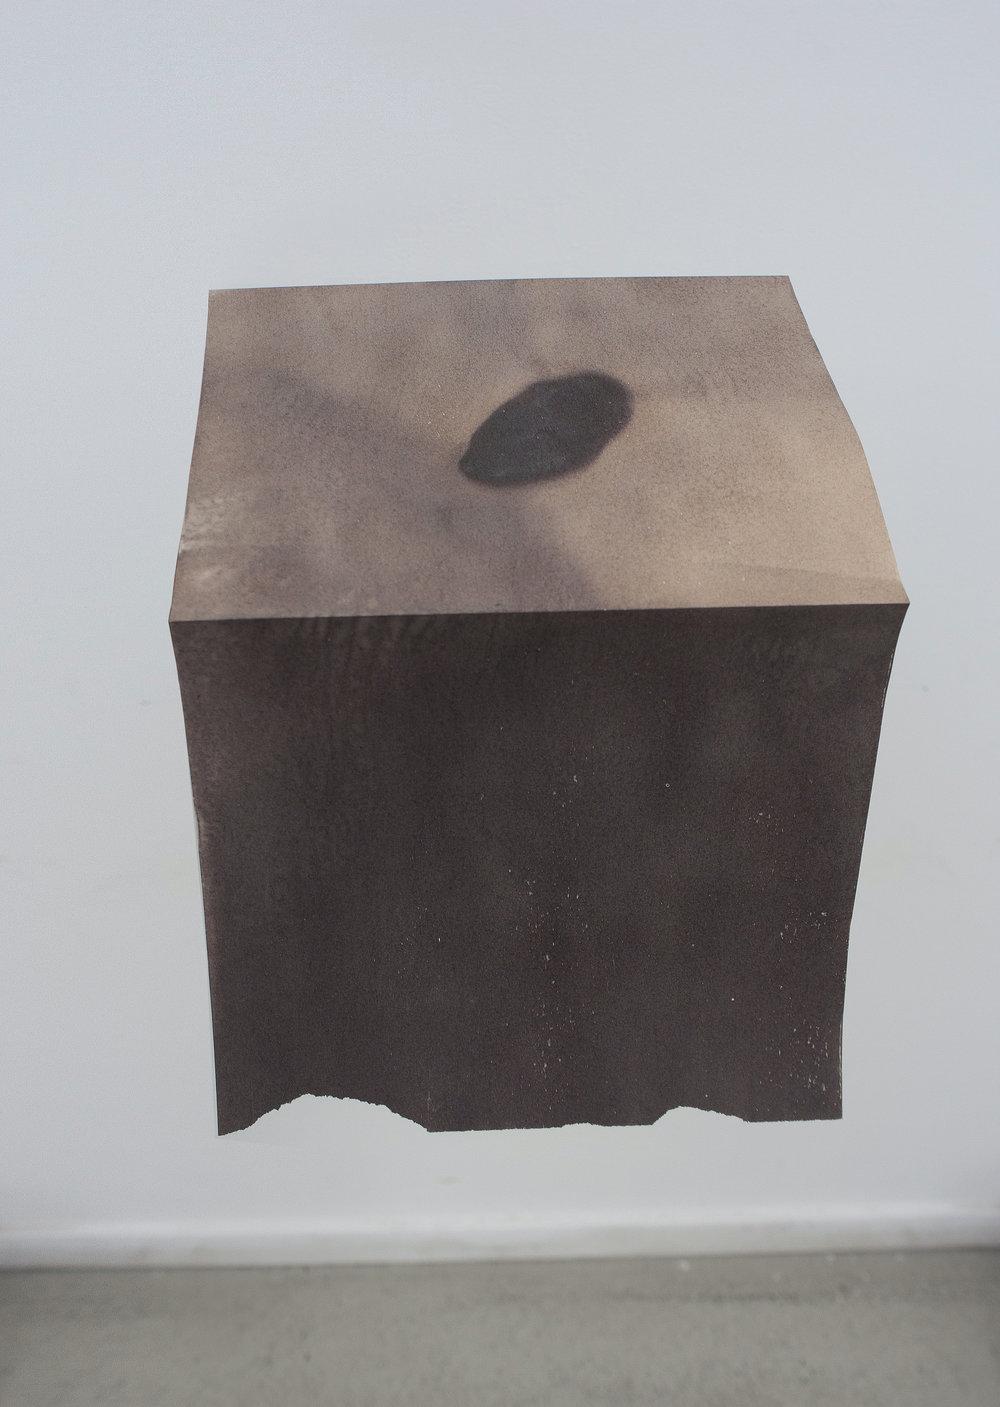 AgnėJonkutė, Stone Book , 2018. Stones, thermal paper, sunlight. Minya, Egypt.